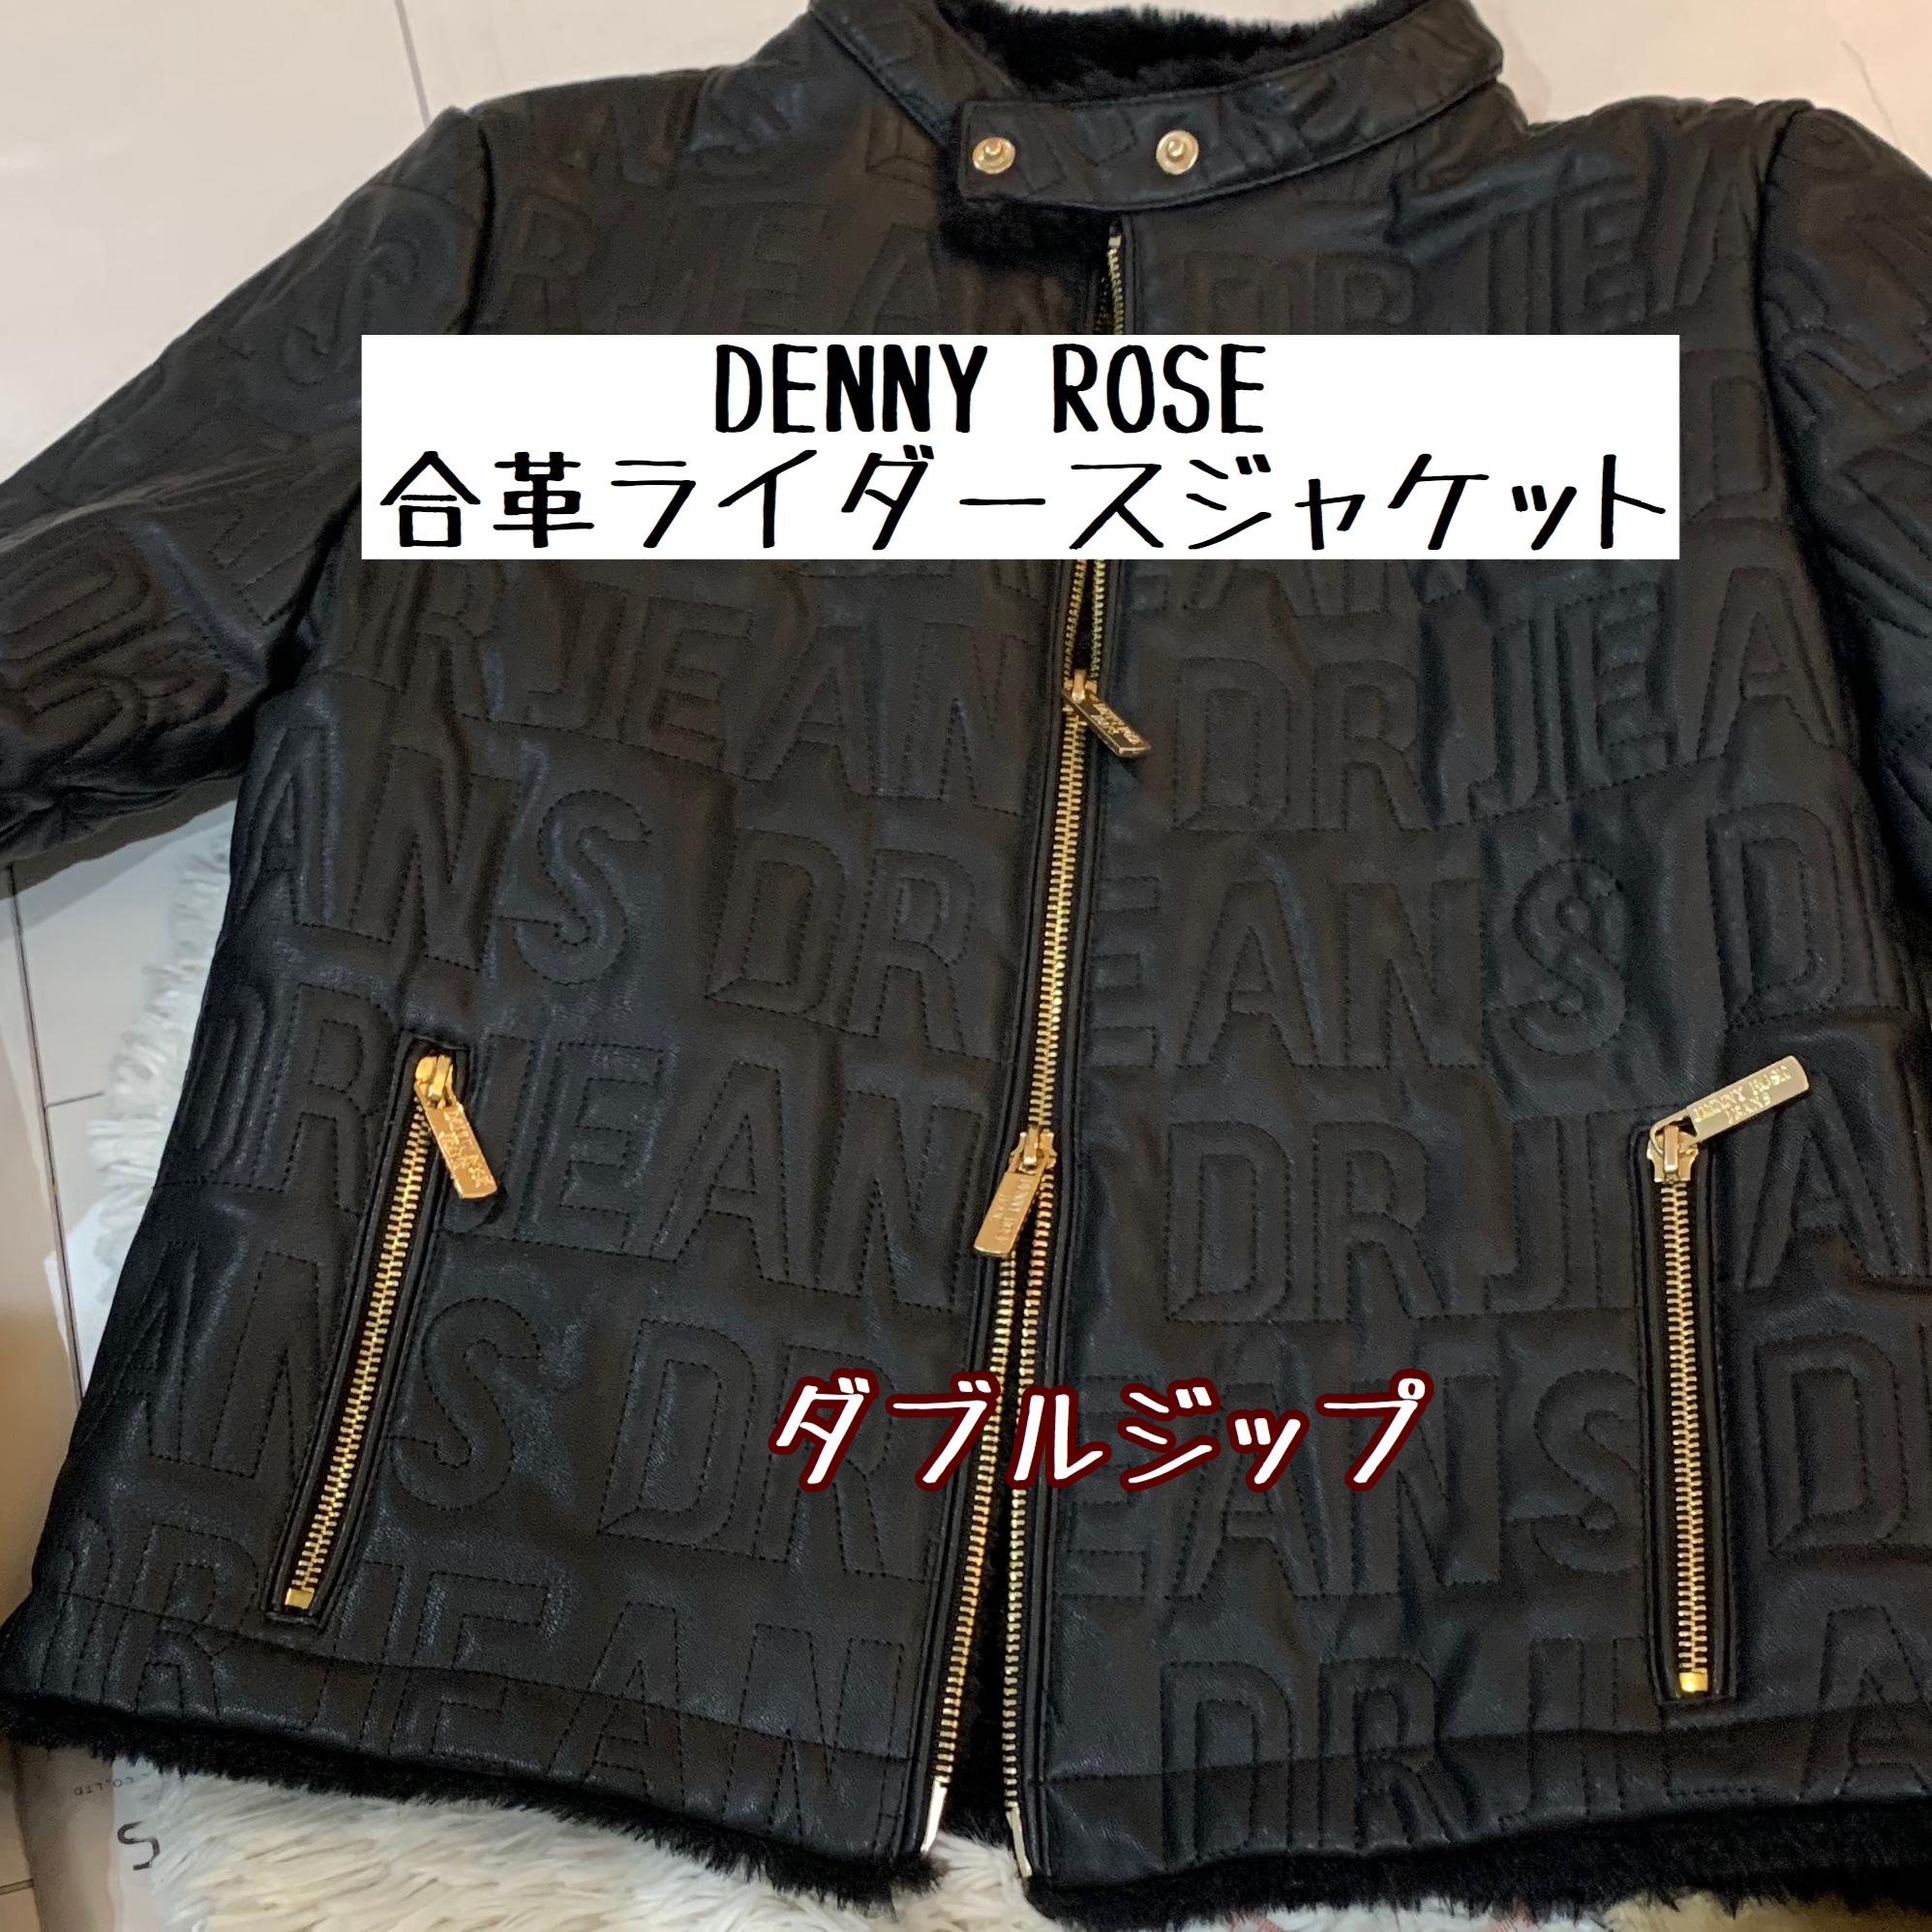 SALE デニーローズ 合革ライダースジャケット イタリア製